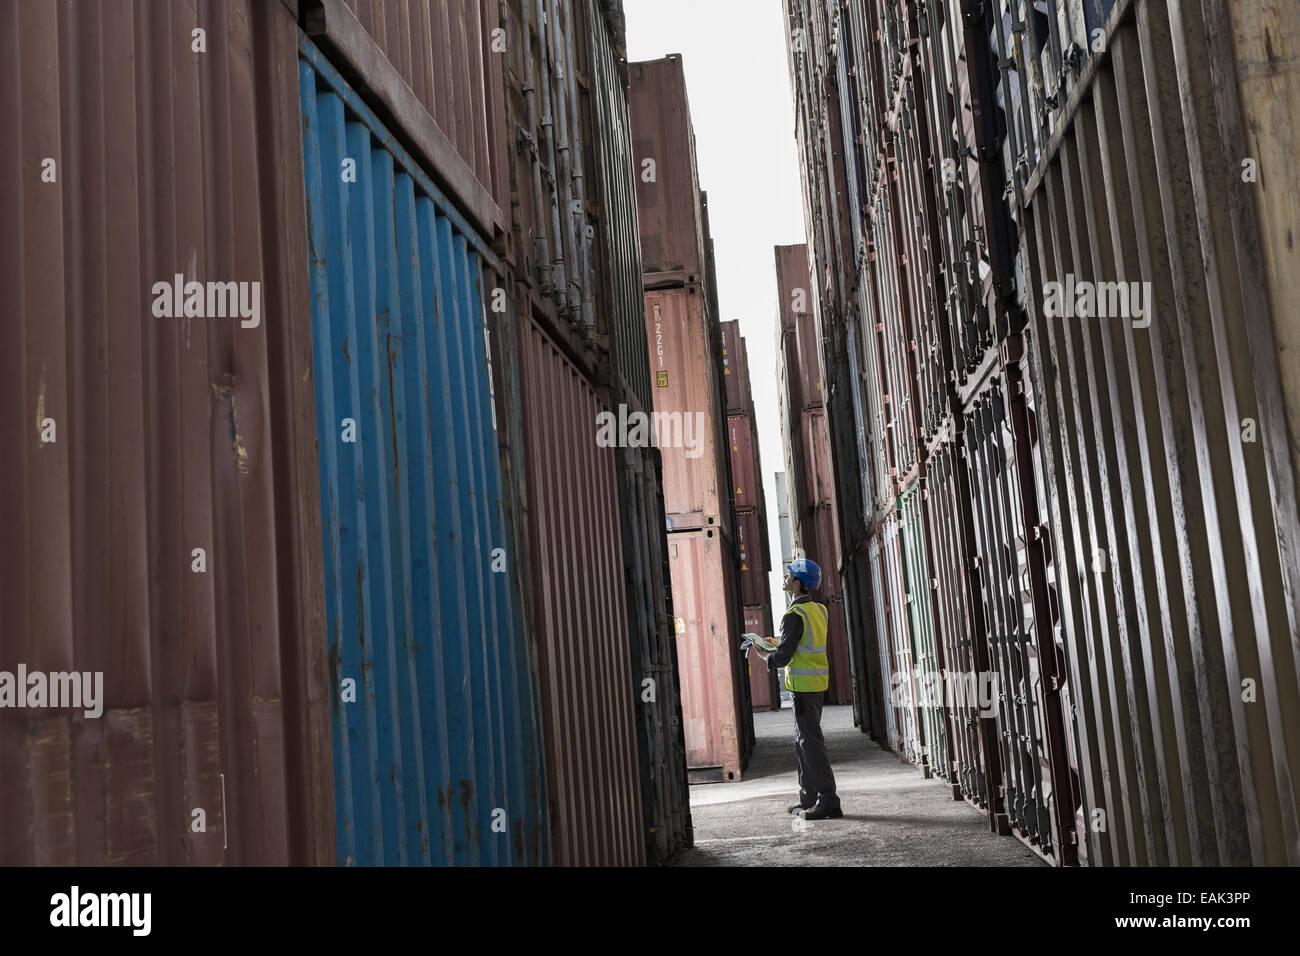 Lavoratore in piedi tra contenitori di carico Immagini Stock